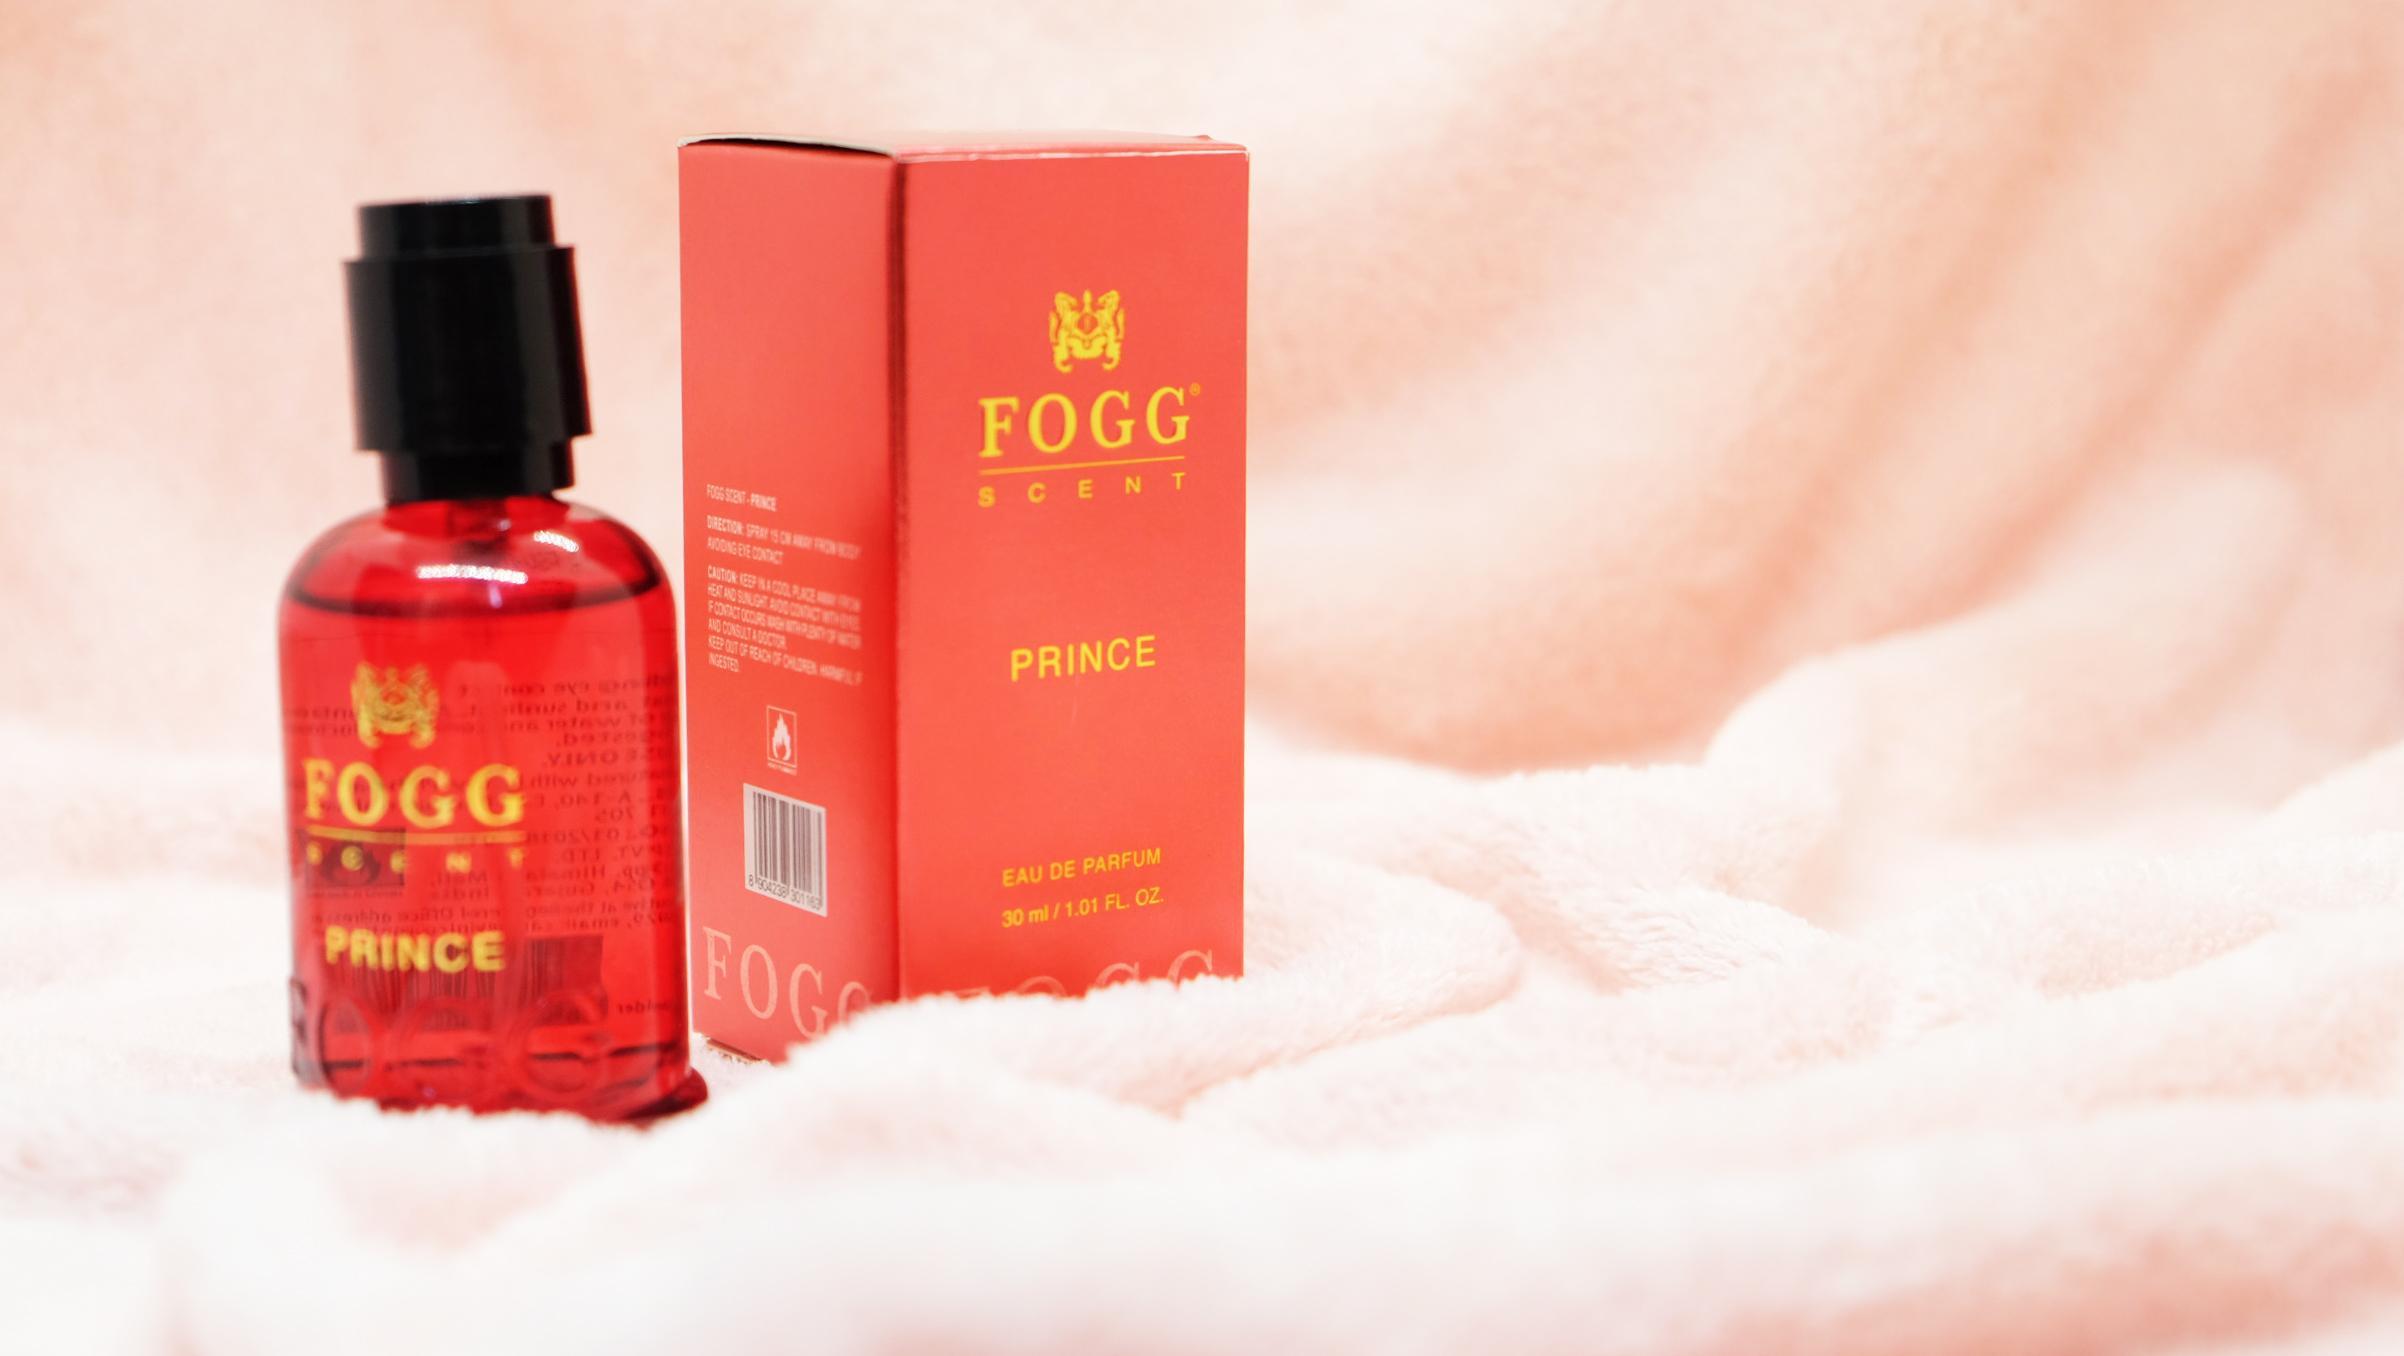 Nước Hoa Fogg Prince 30ml Dành Cho Nam Nữ Nhập Khẩu Lưu Hương Lâu